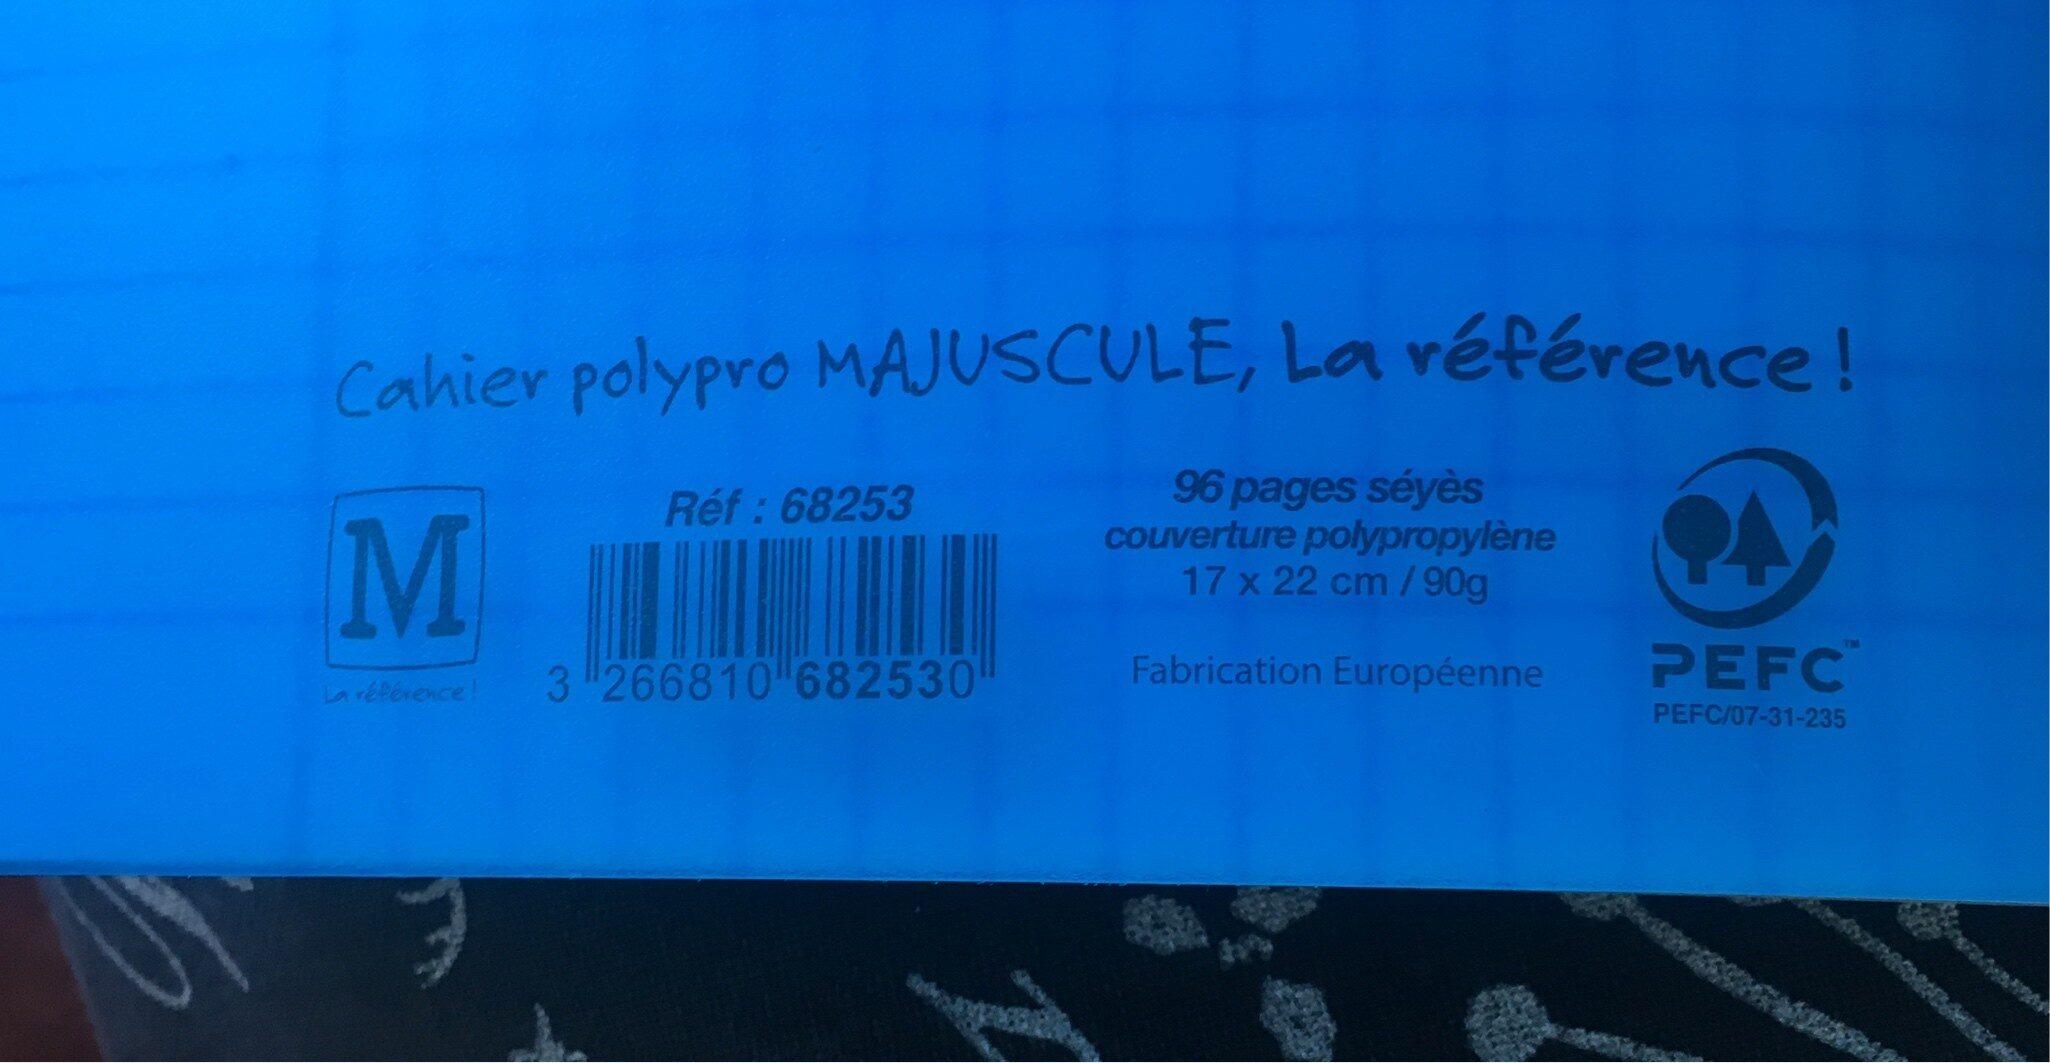 Majuscule Piqûre 96 Pages Couverture Polypropylène 17 x 22 - Ingredients - fr